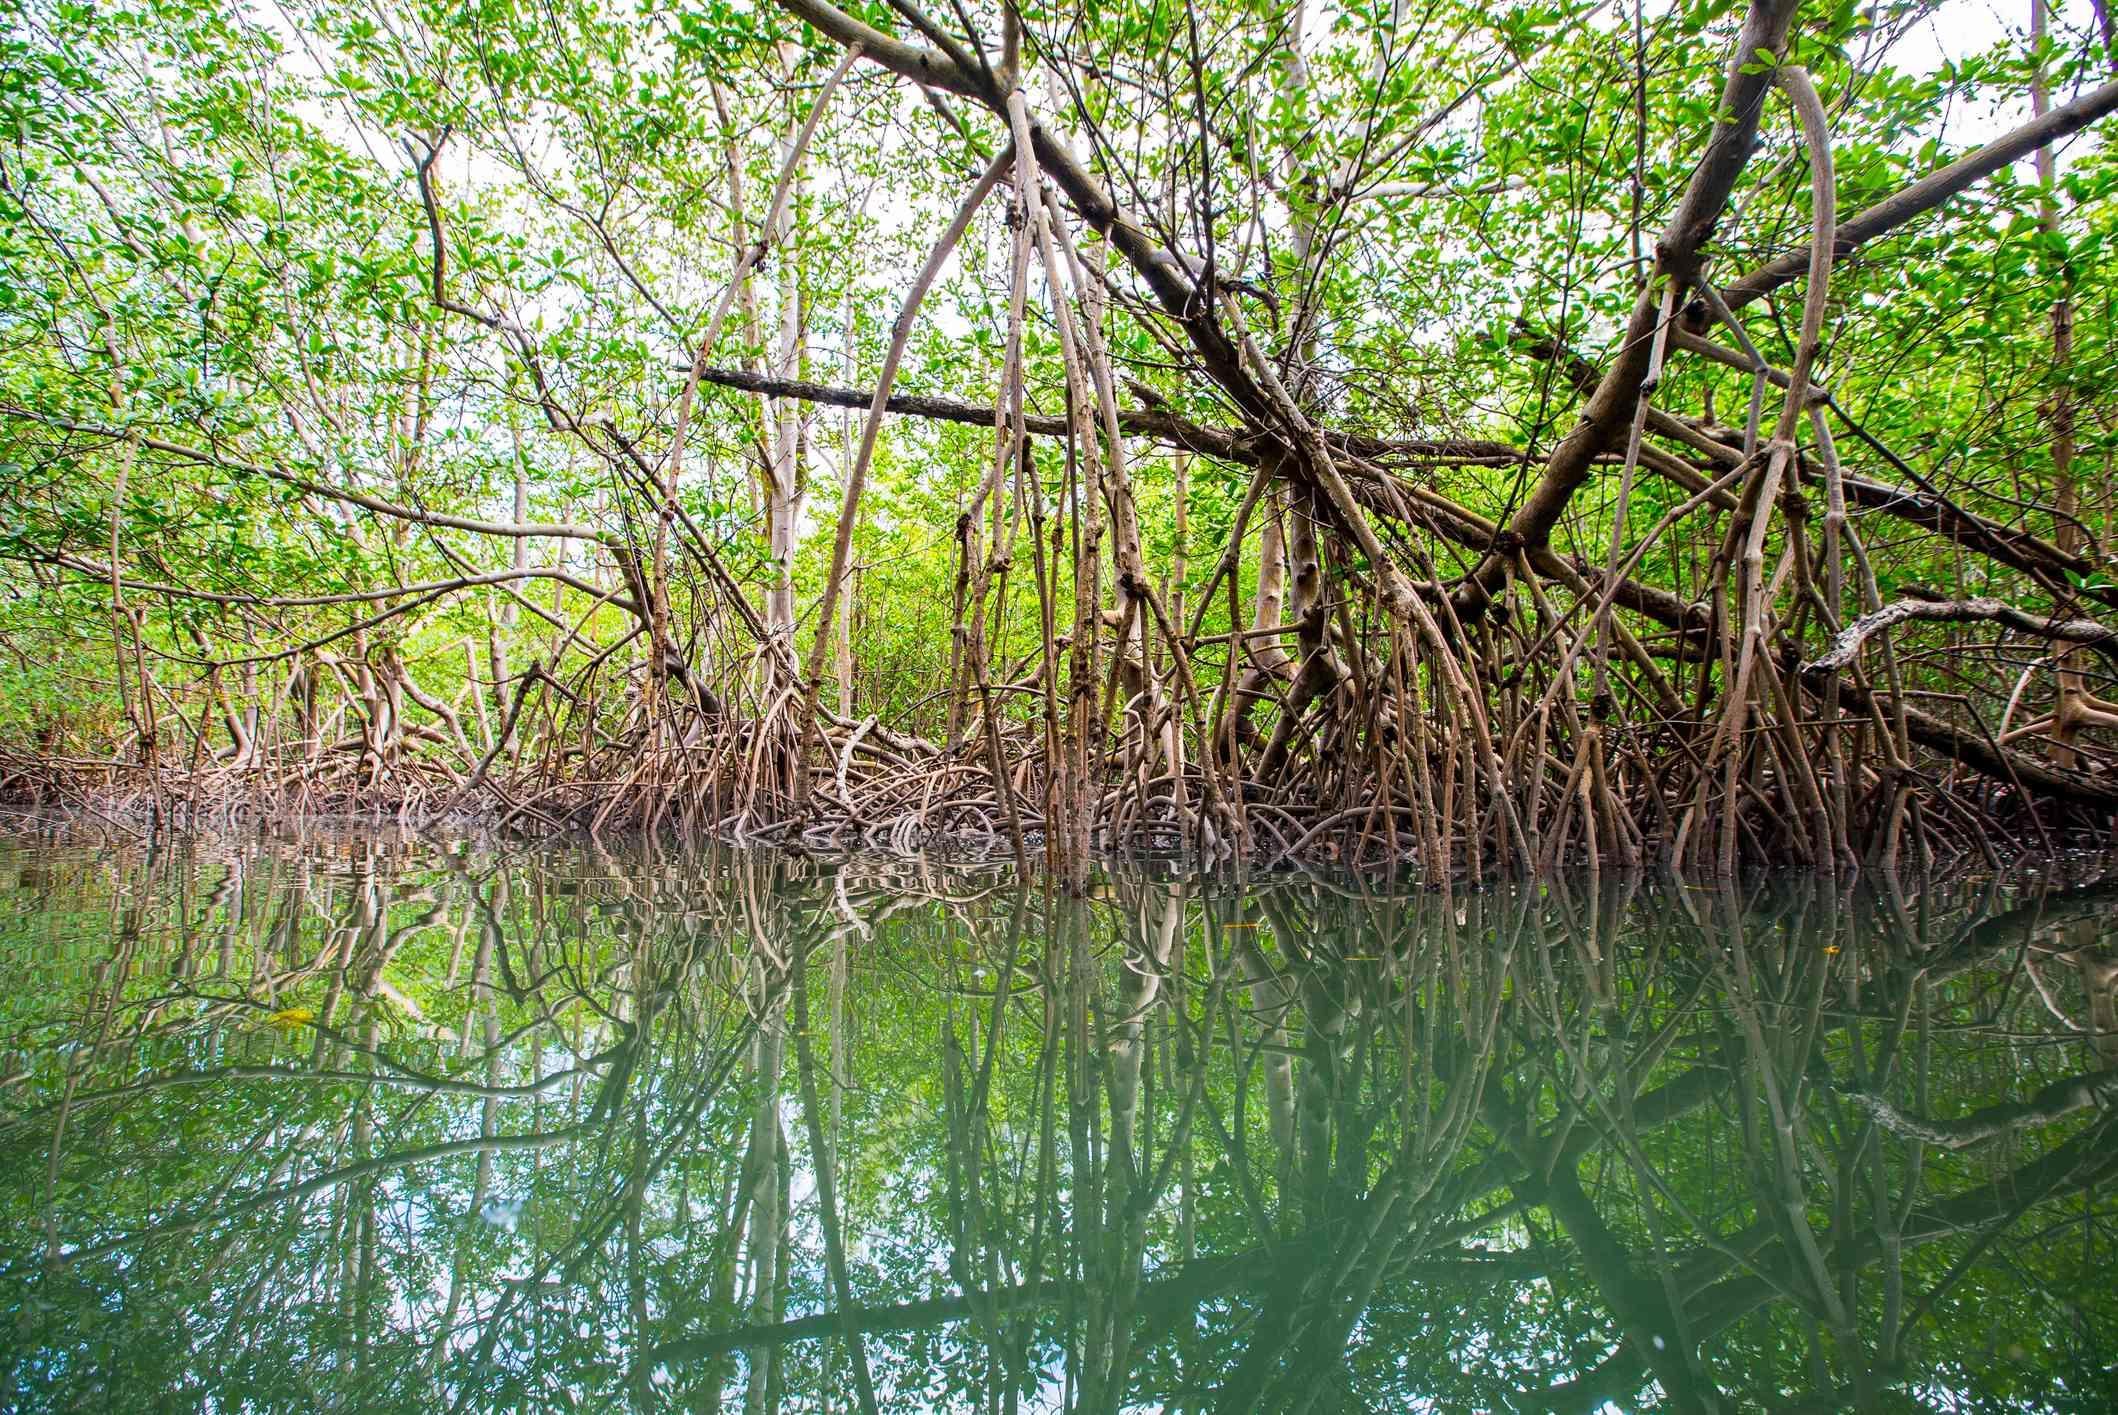 Mangroves at Oleta River State Park